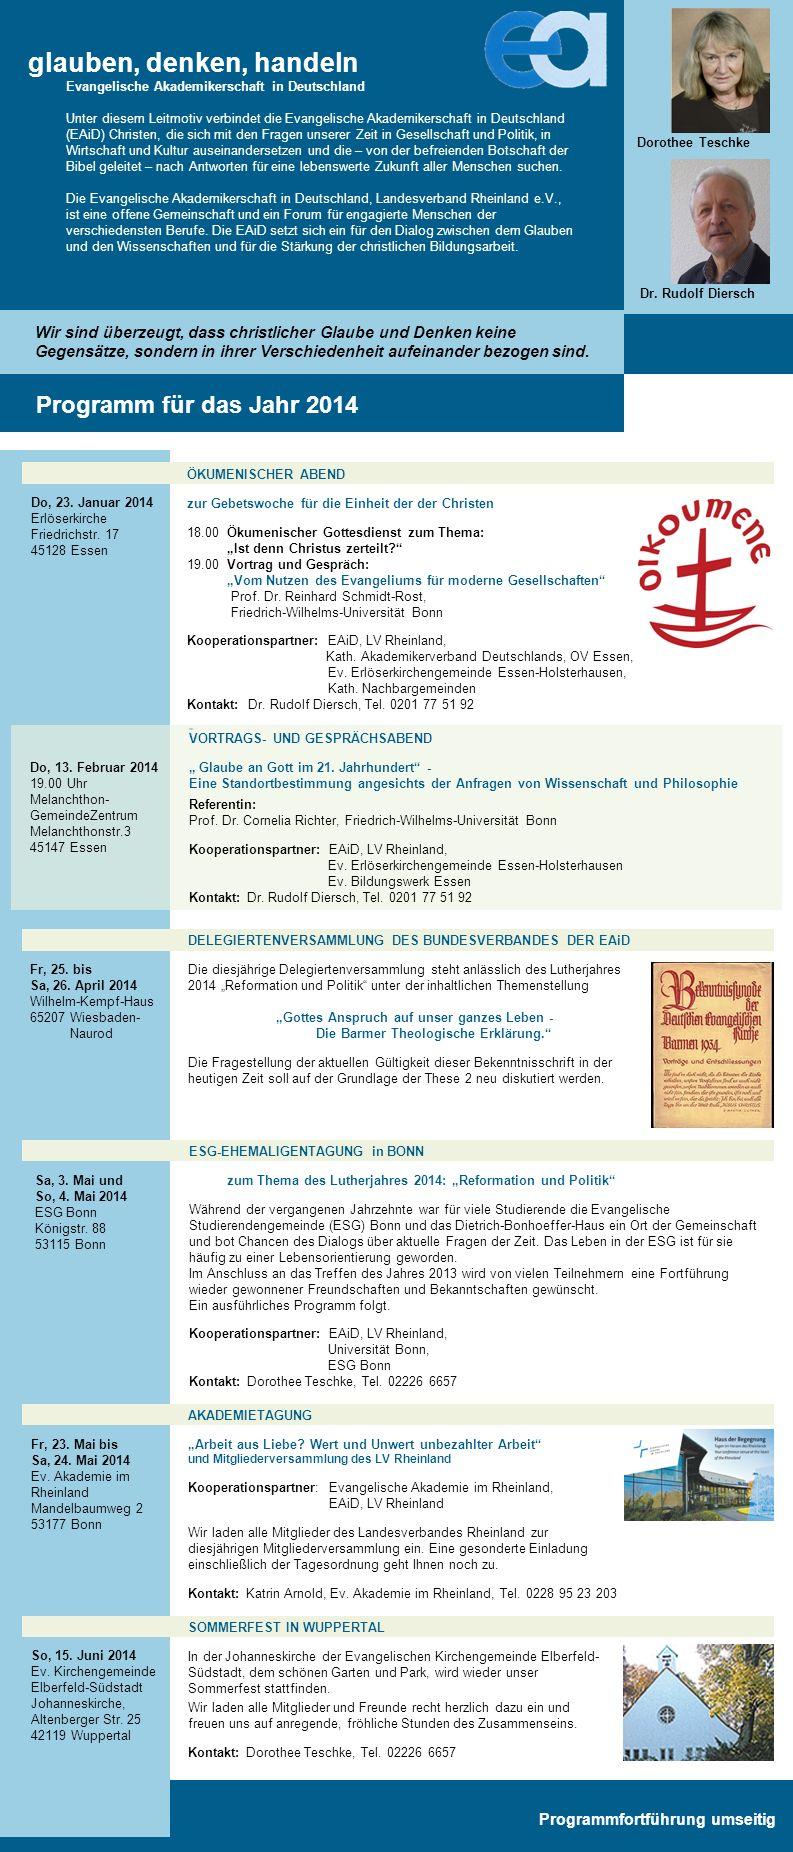 Dorothee Teschke Dr. Rudolf Diersch Programm für das Jahr 2014 AKADEMIETAGUNG Arbeit aus Liebe.